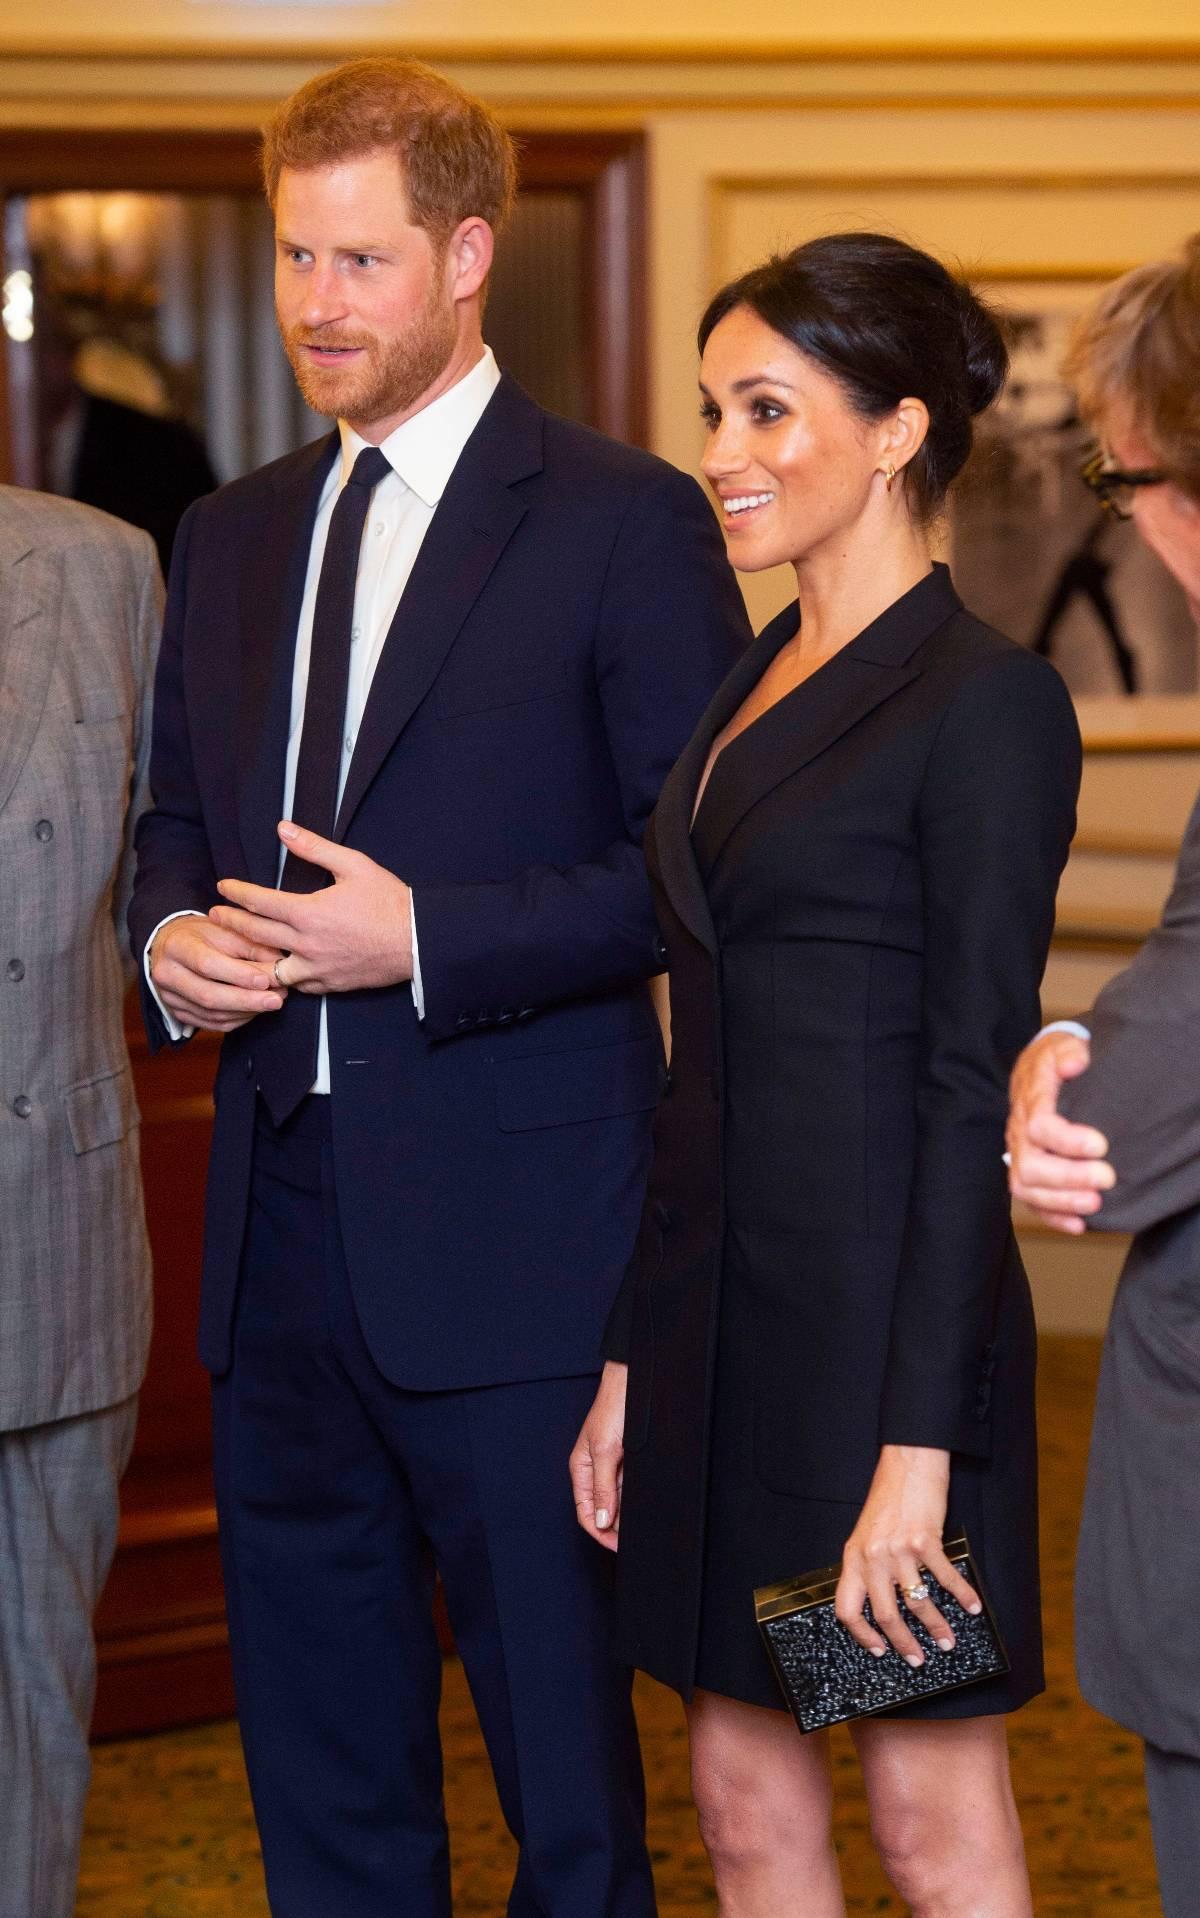 Είδες το σέξυ λουκ της Meghan Markle; Ο πρίγκιπας Harry και η λαμπερή σύζυγός του παρακολούθησαν το μιούζικαλ Hamilton στο Victoria Palace Theatre του Λονδίνου. Φυσικά όλα τα βλέμματα στράφηκαν στην εντυπωσιακή Meghan και το tuxedo dress της.